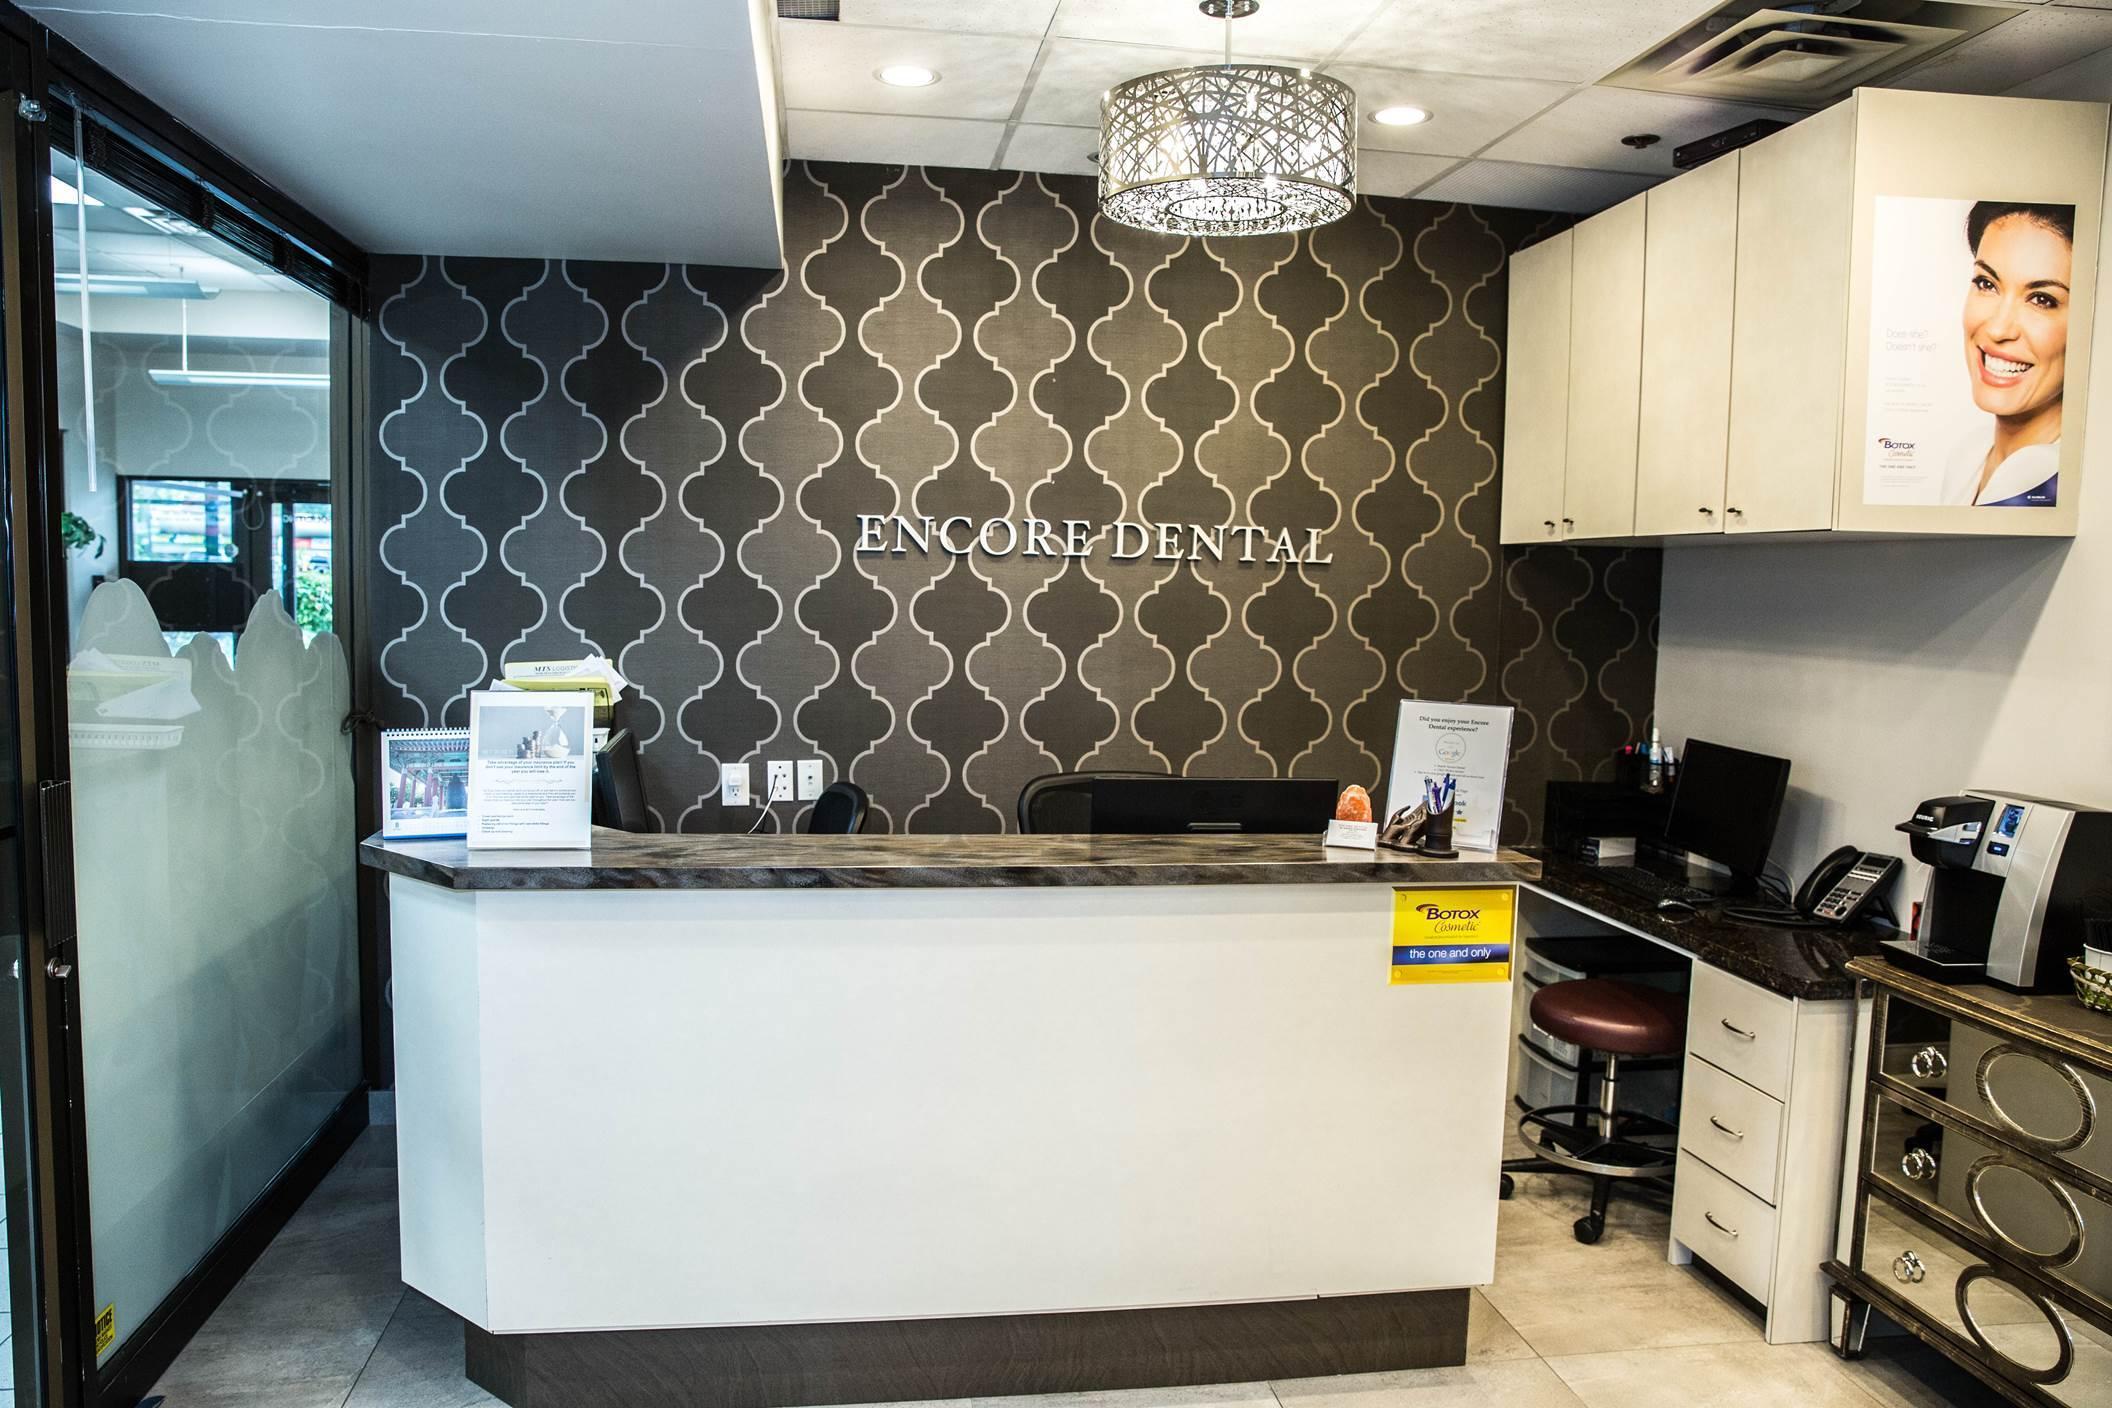 Port Coquitlam Dentist Reception Area